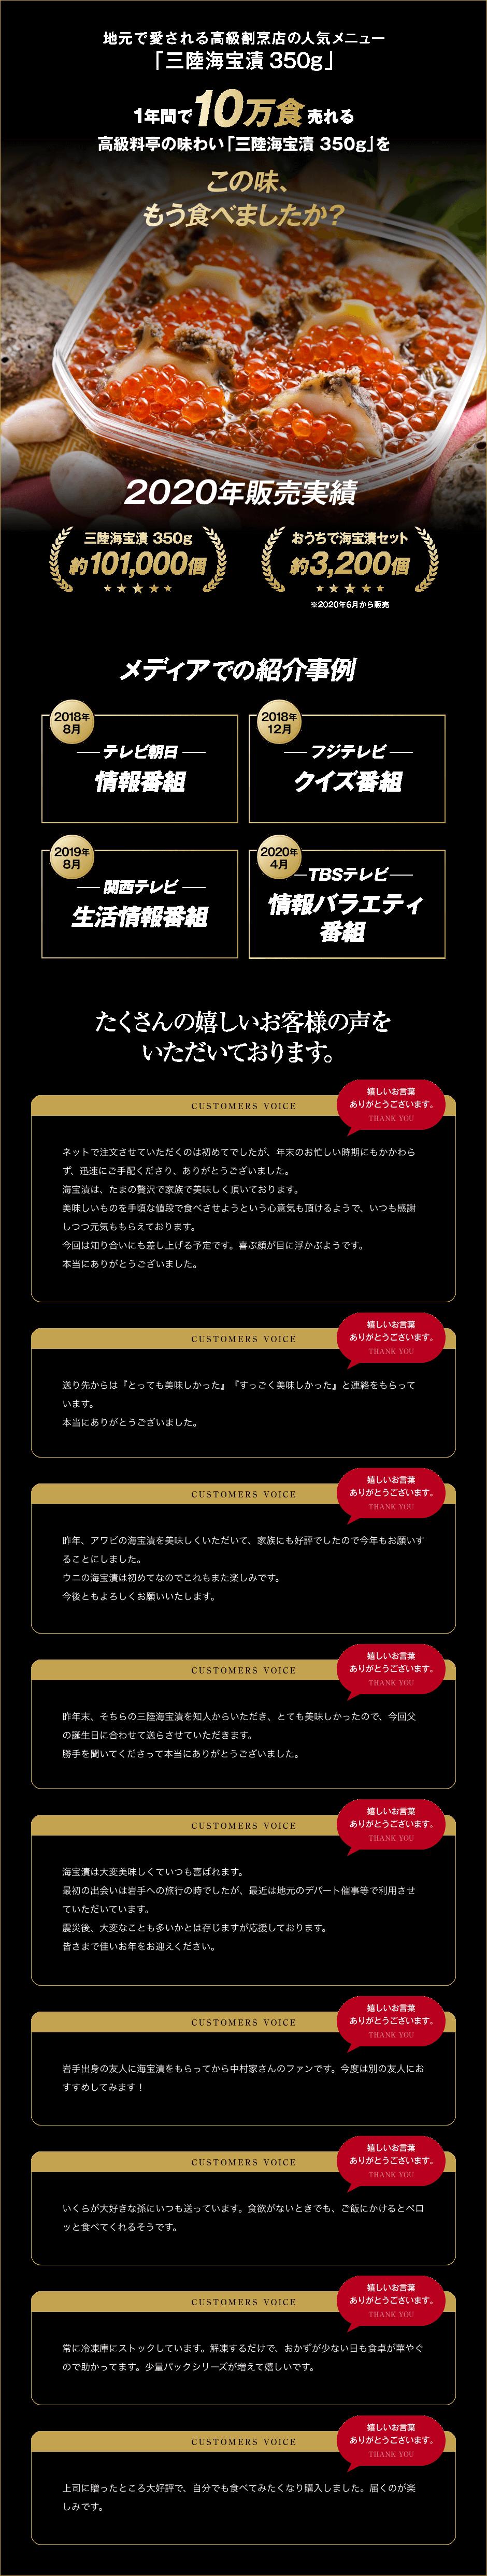 地元で愛される高級割烹店の人気メニュー「三陸海宝漬け」